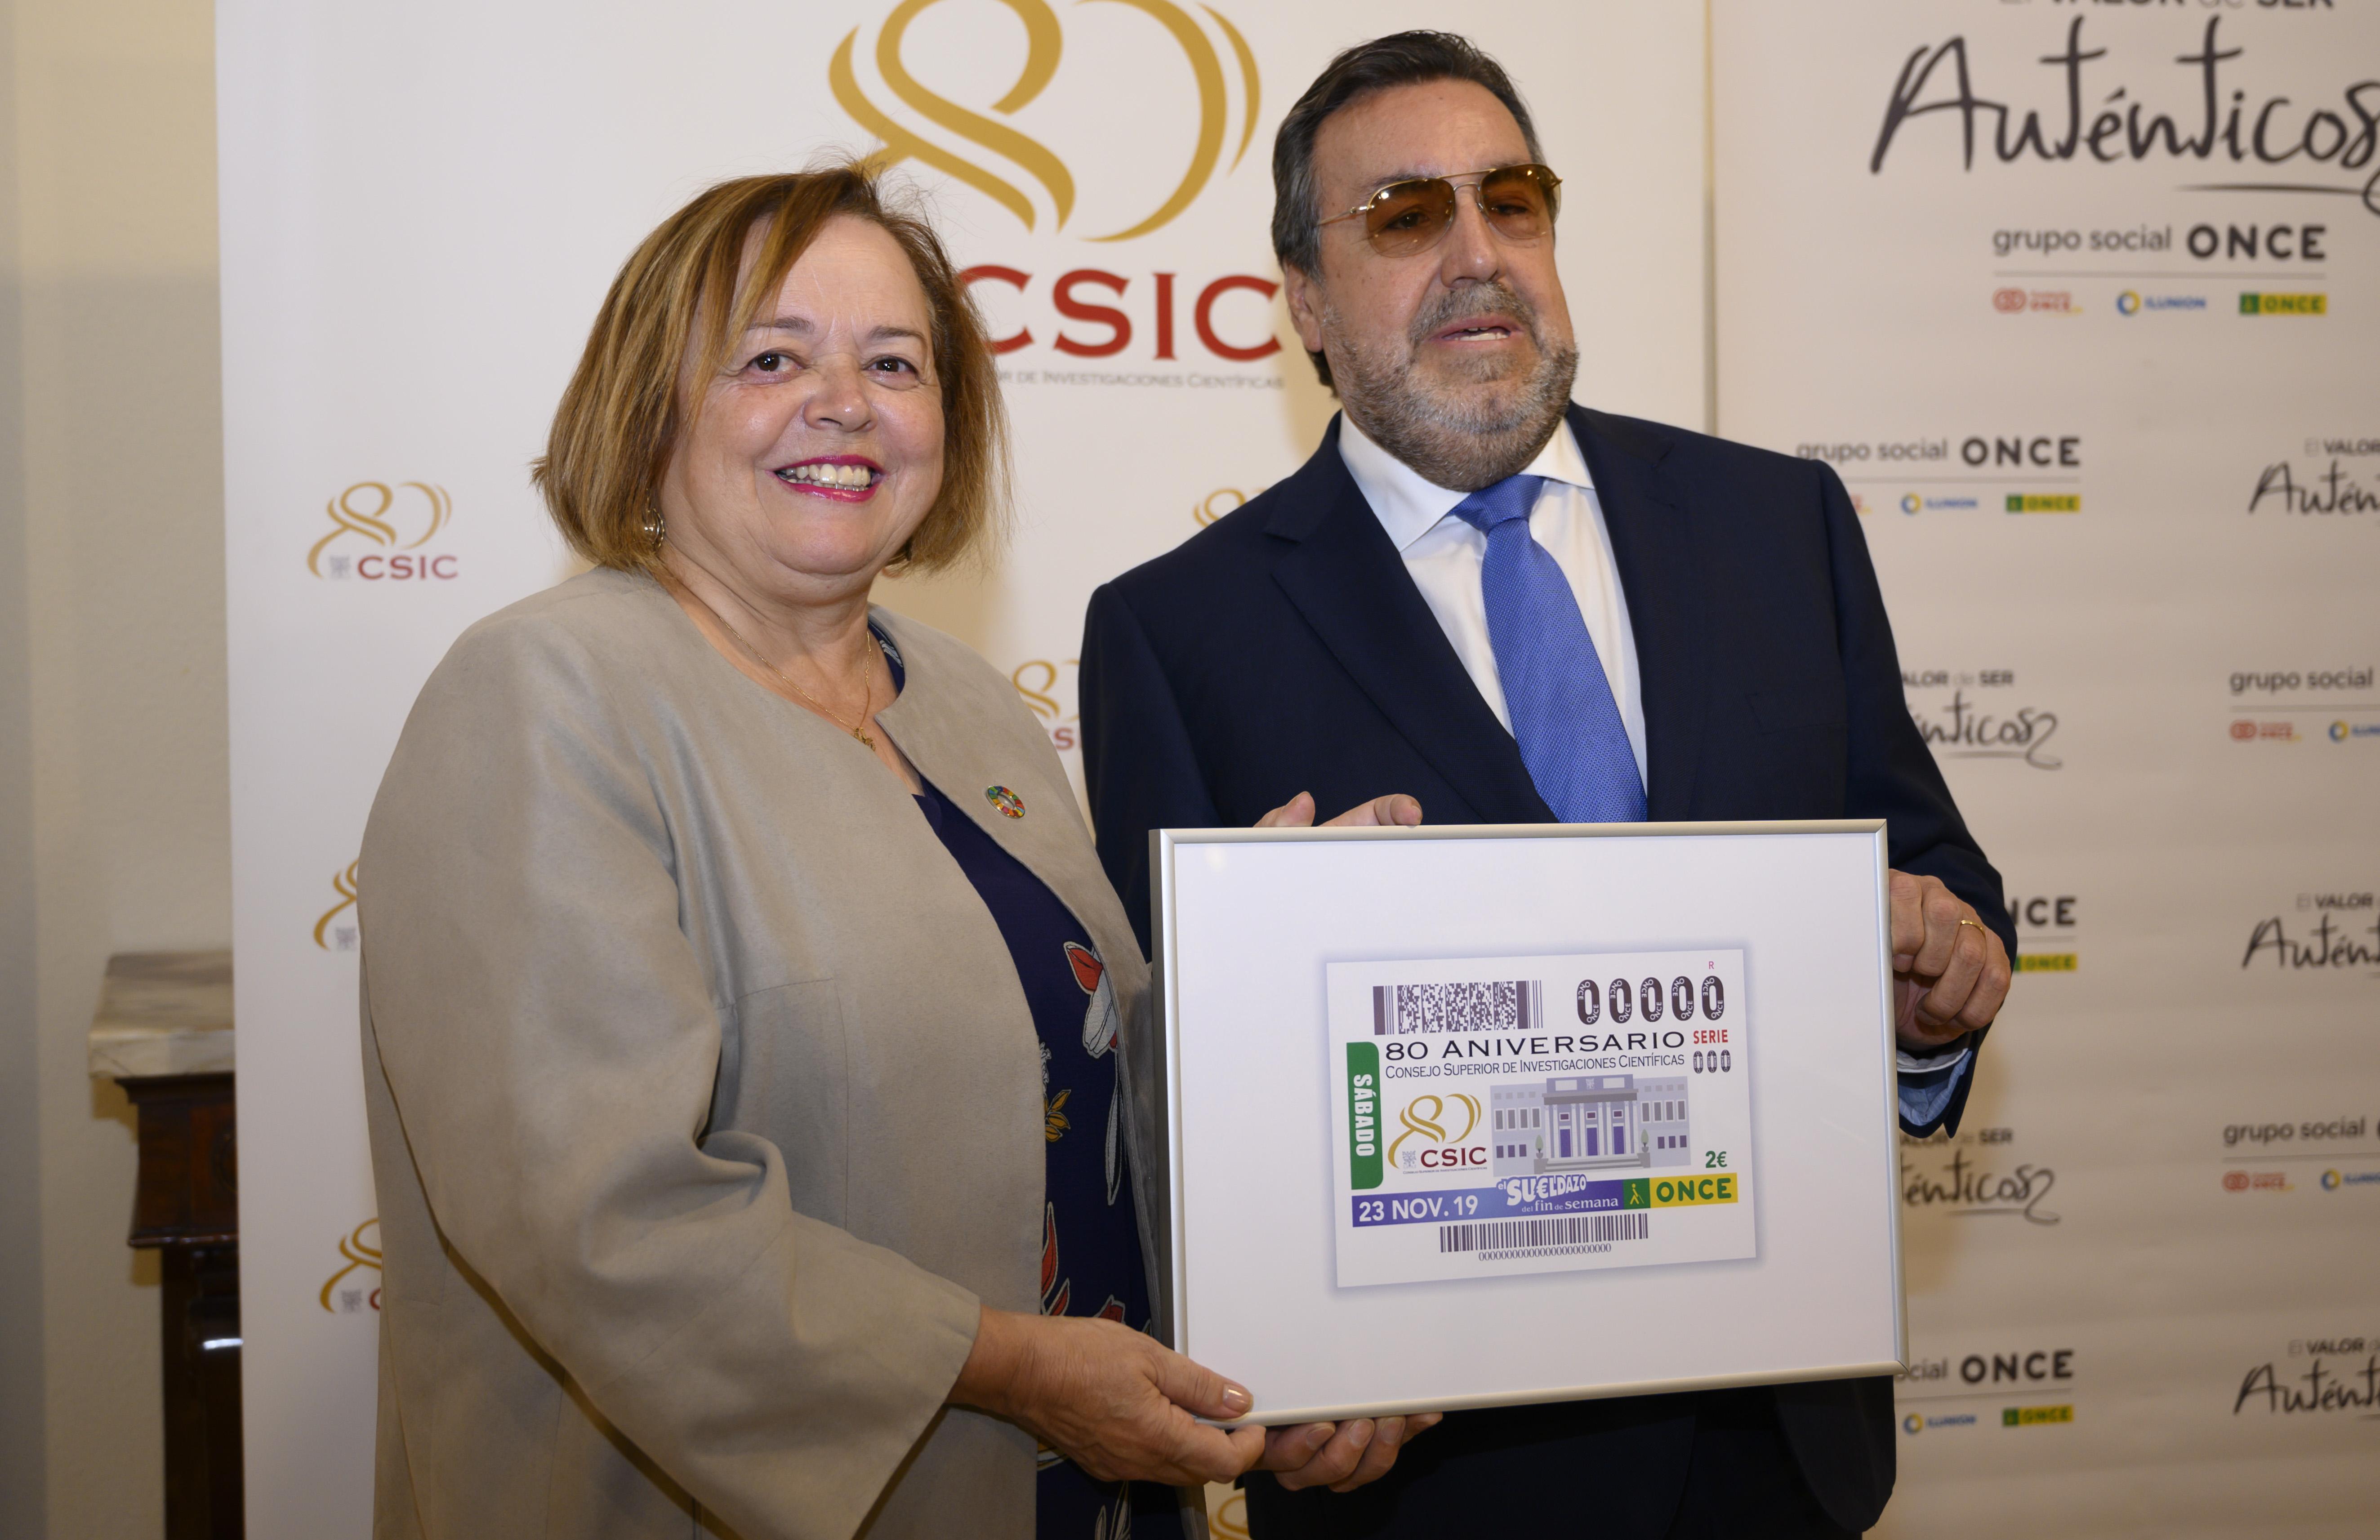 La presidenta del CSIC, Rosa Menéndez, y el presidente de la ONCE y su Fundación, Miguel Carballeda, han presentado este lunes, 11 de noviembre, el cupón en la sede central del CSIC en Madrid./ CÉSAR HERNÁNDEZ